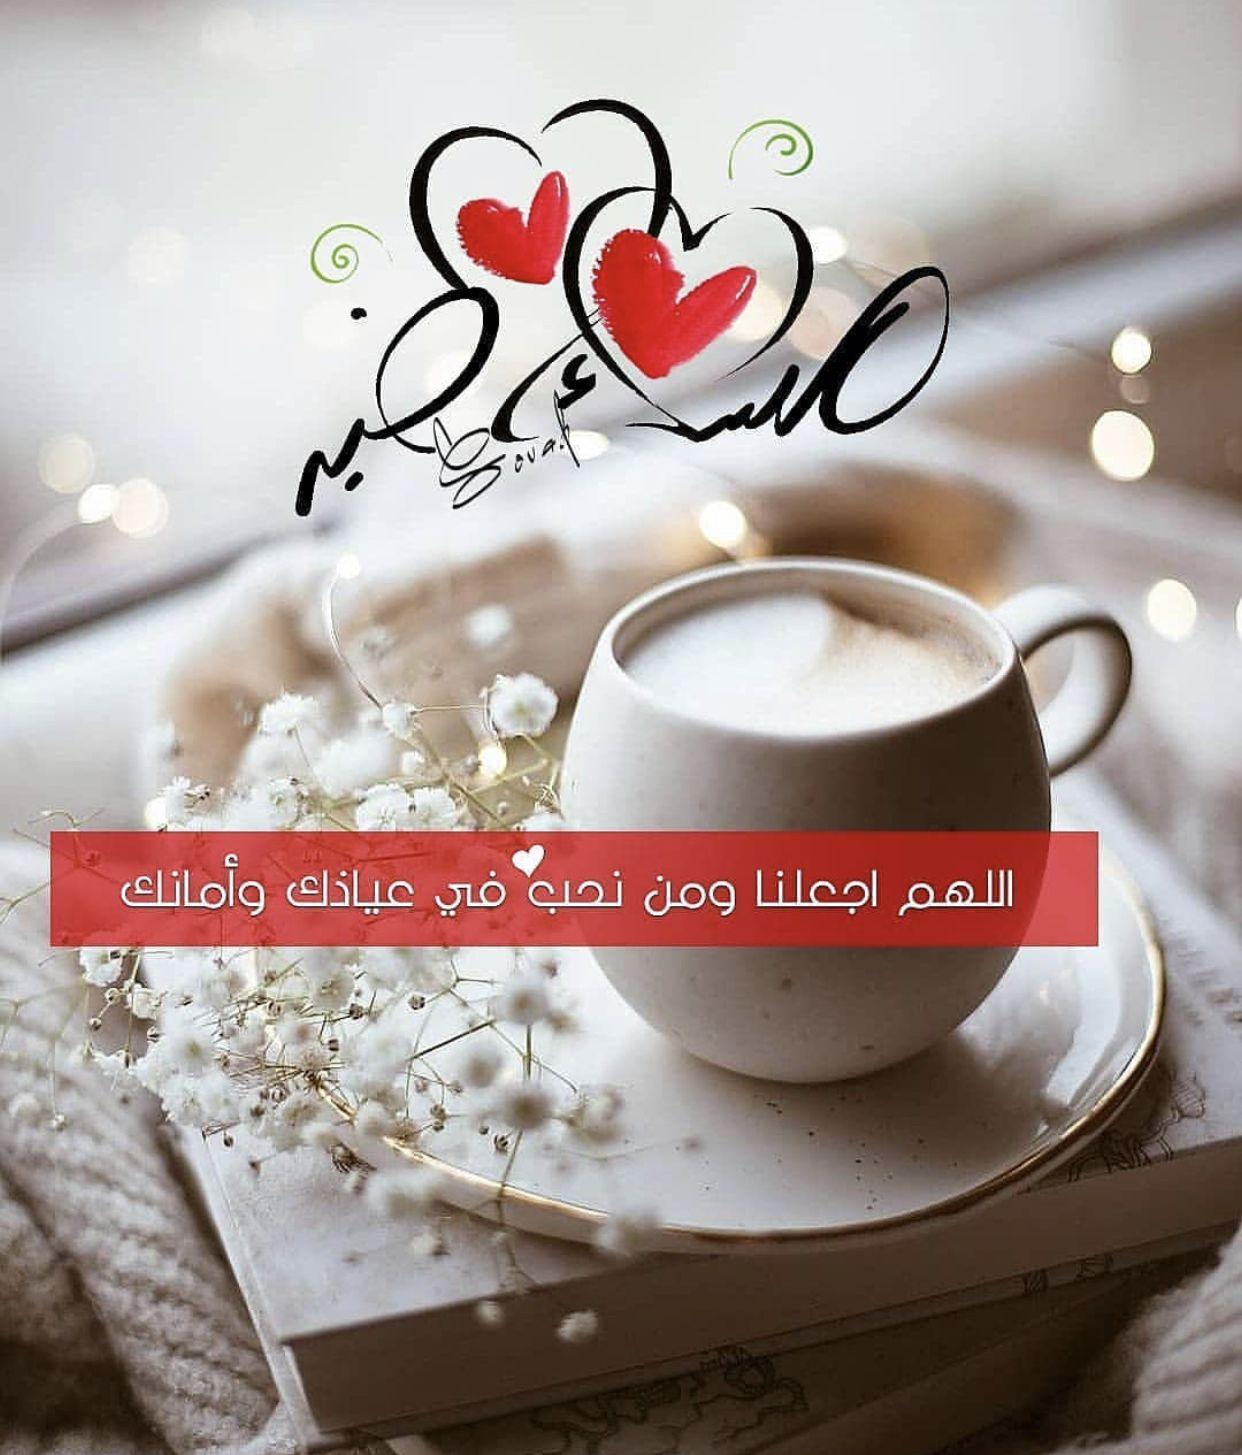 عندما يمتزج الصباح بصوت من نحب عندها كل شيء يصبح أجمل حتى فنجان القهوة يصبح أشهى وبخارها كرائحة الورد House Drawing Decoration And Furniture Glassware